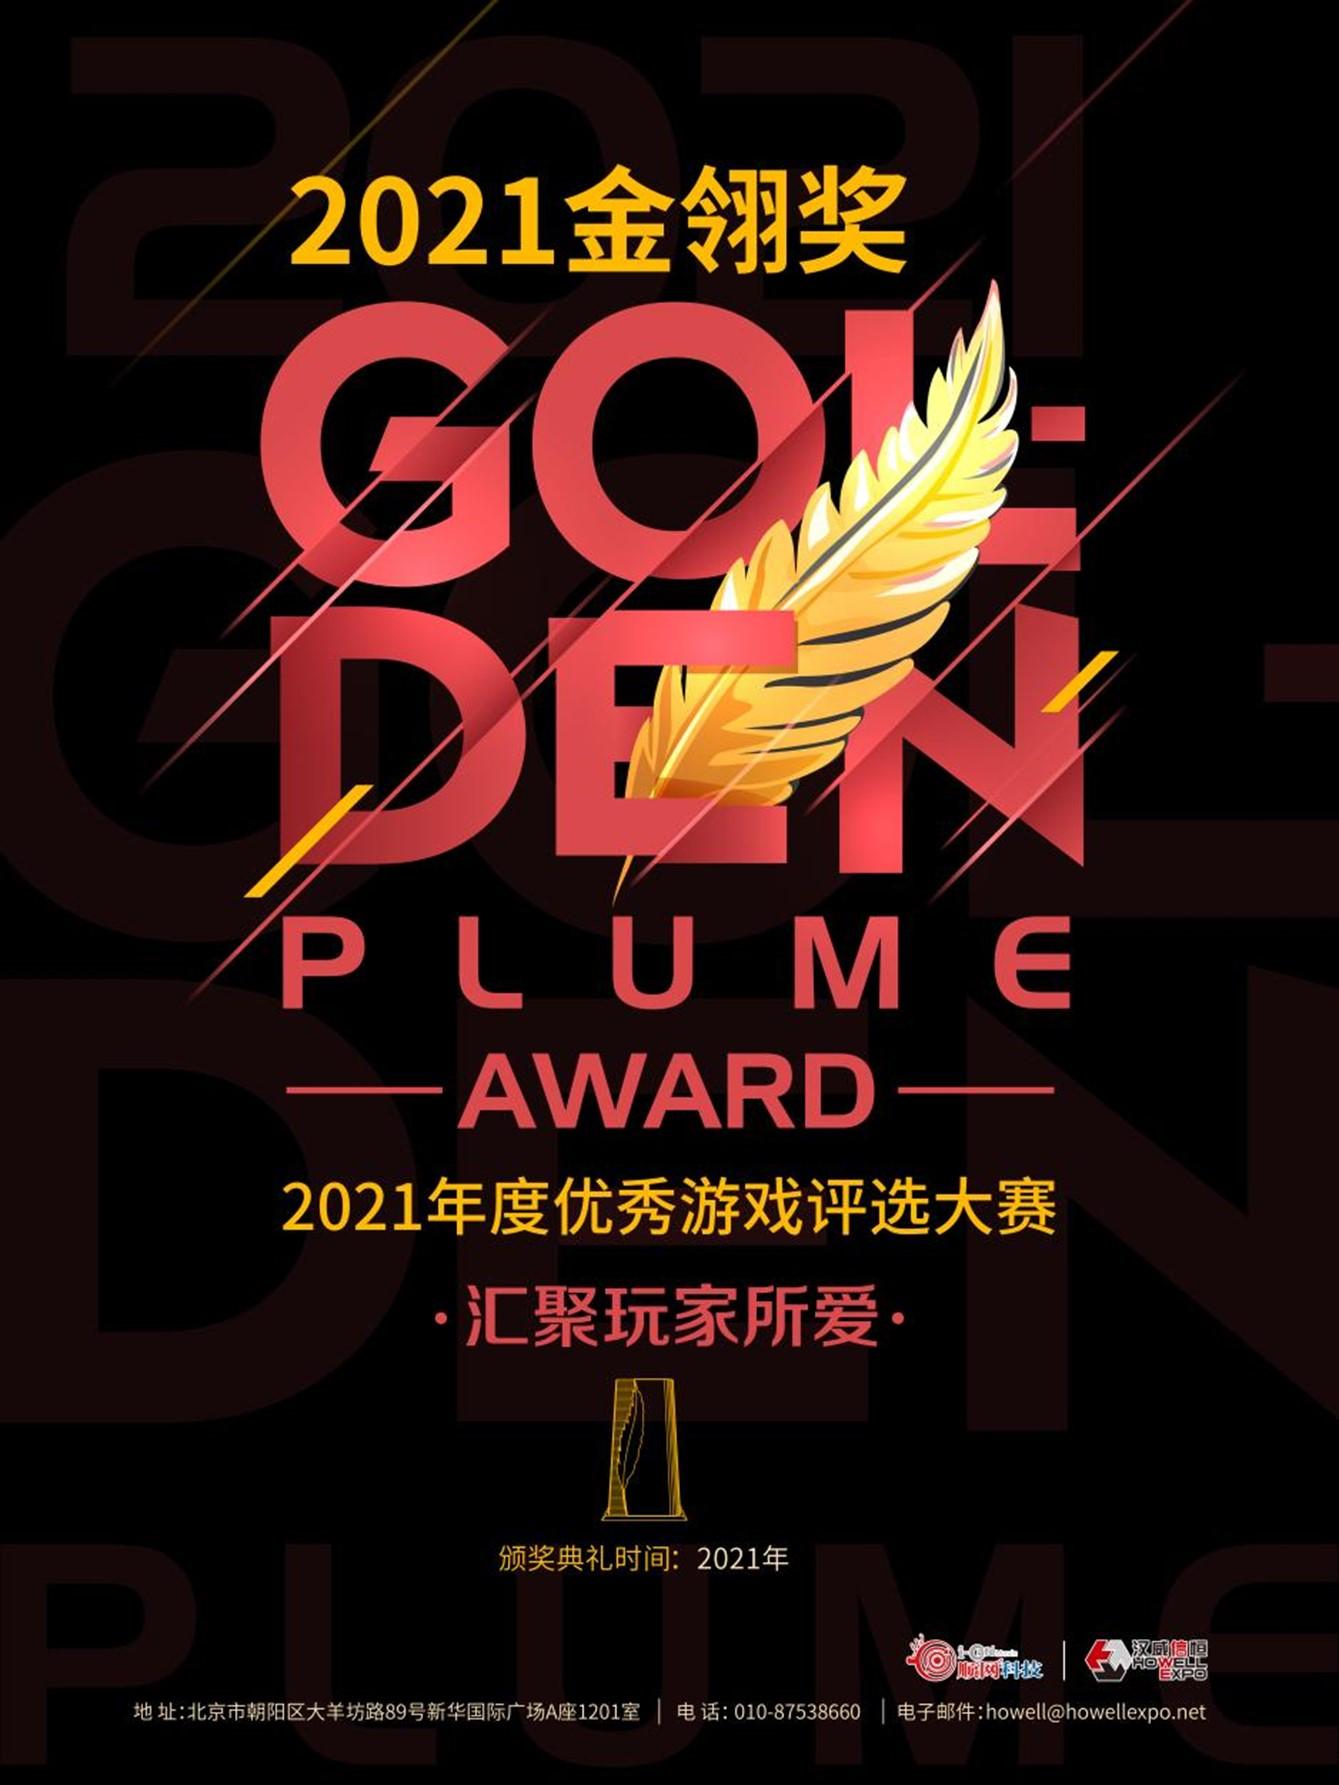 2021年度优秀游戏评选大赛(金翎奖)报名正式启动